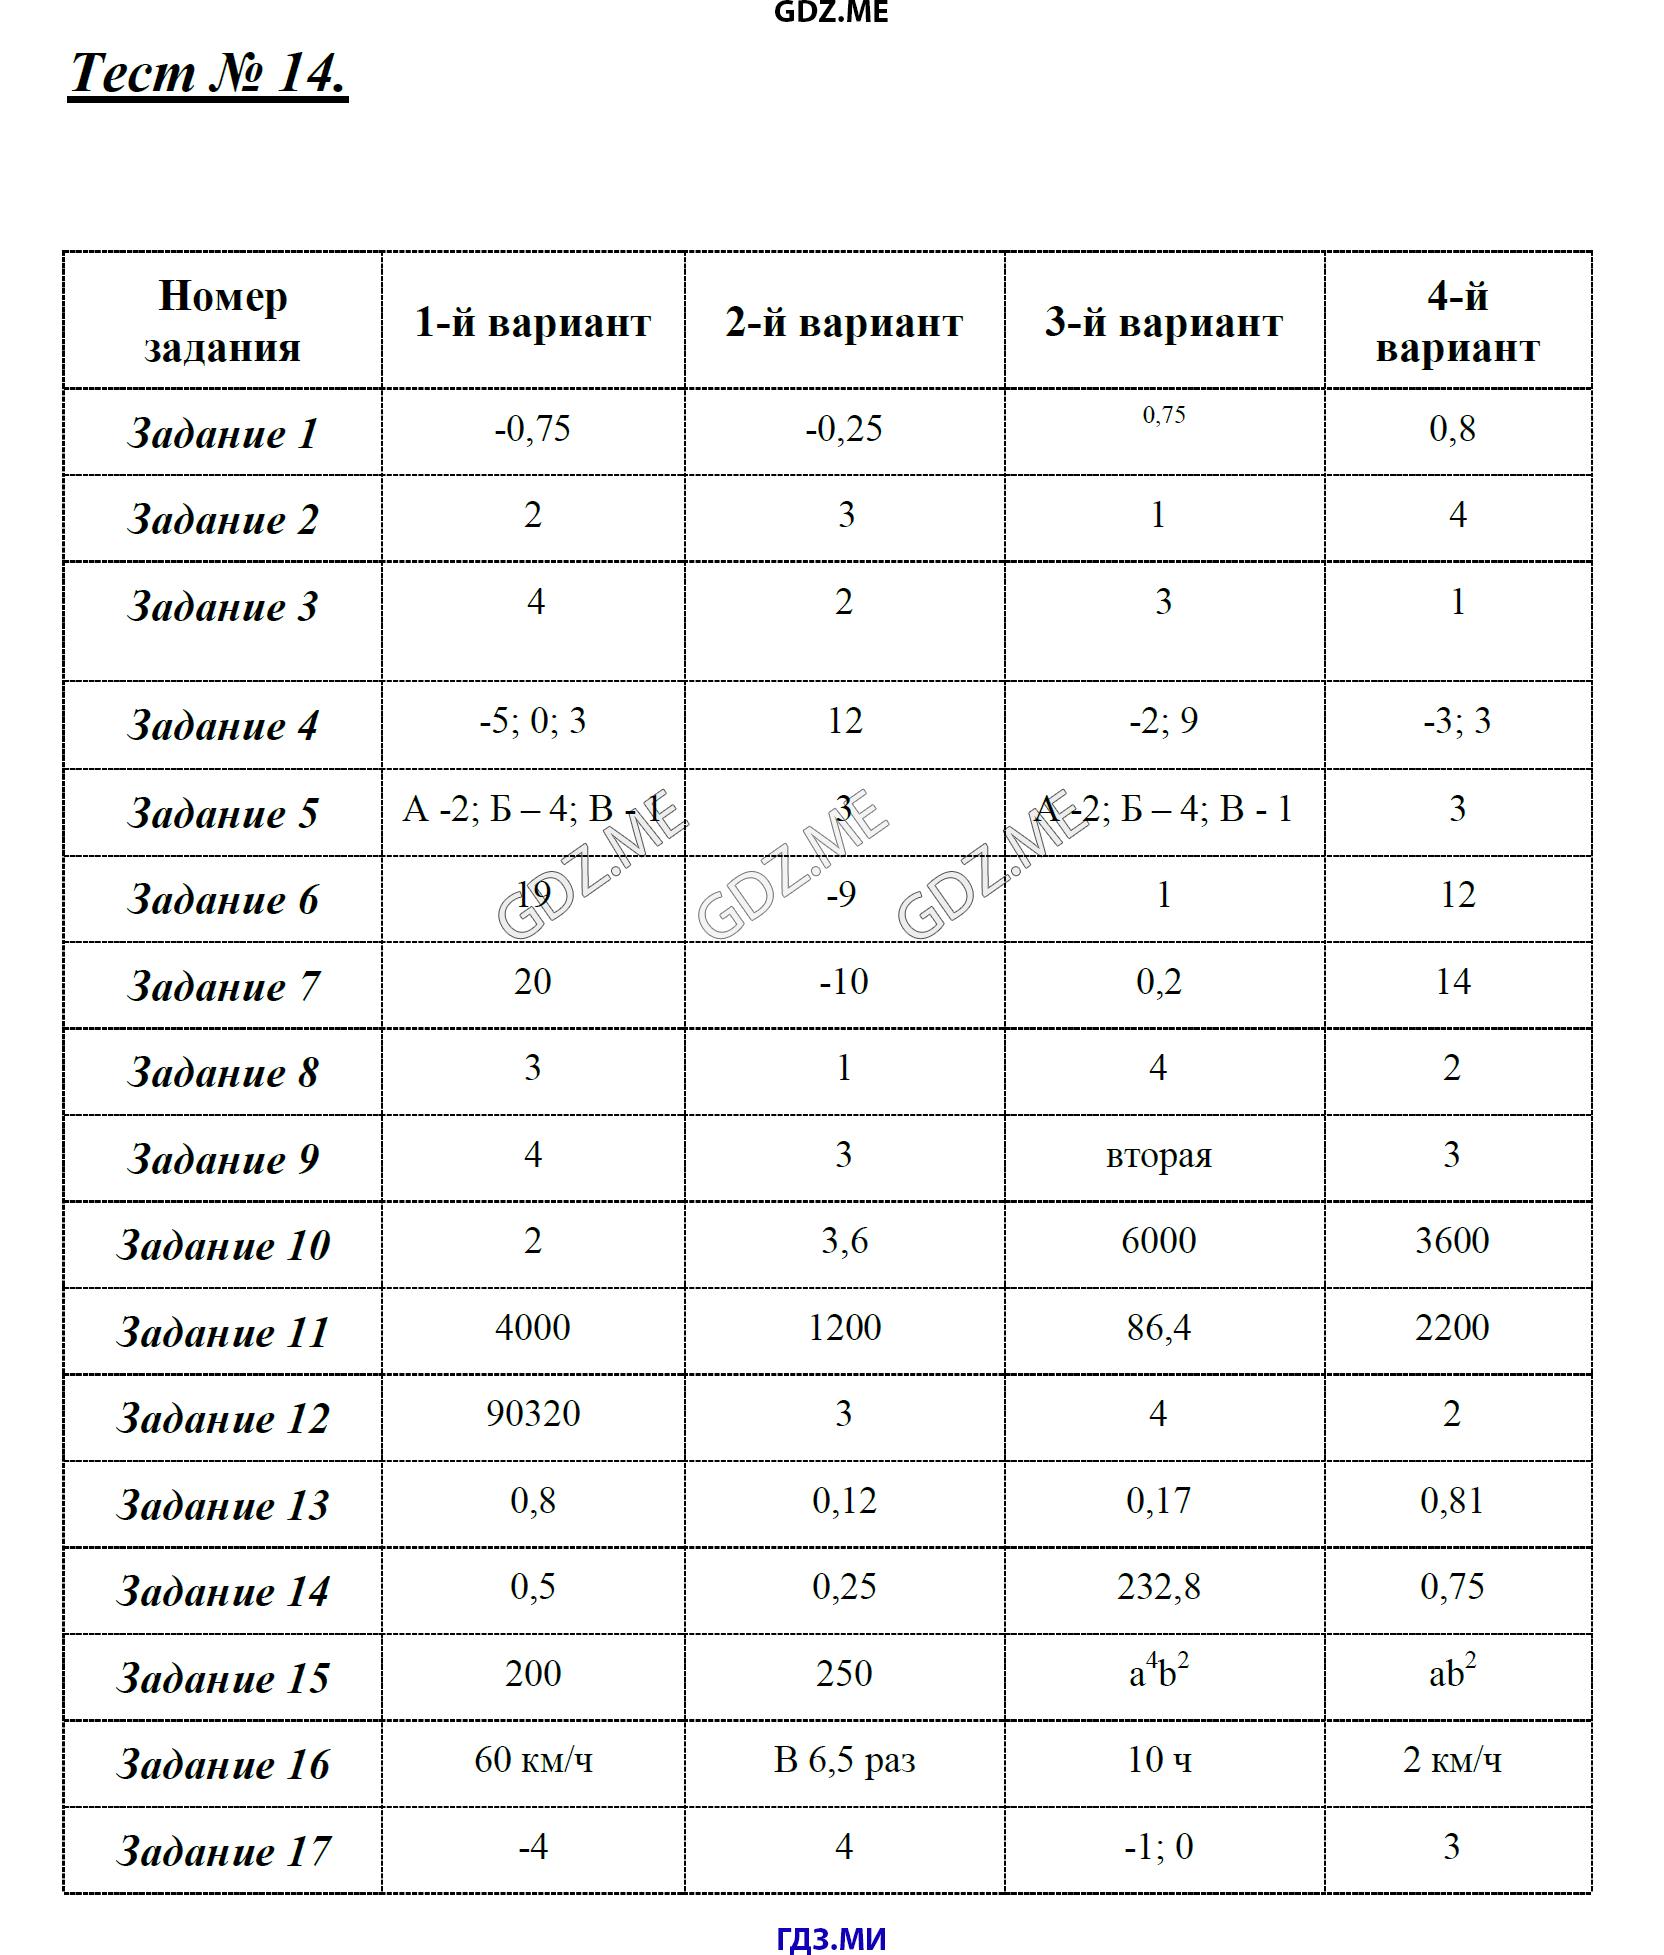 ГДЗ по алгебре класс Глазков Гаиашвили контрольные работы решебник  работа №5 Контрольная работа №6 Тест 1 Тест 2 Тест 3 Тест 4 Тест 5 Тест 6 Тест 7 Тест 8 Тест 9 Тест 10 Тест 11 Тест 12 Тест 13